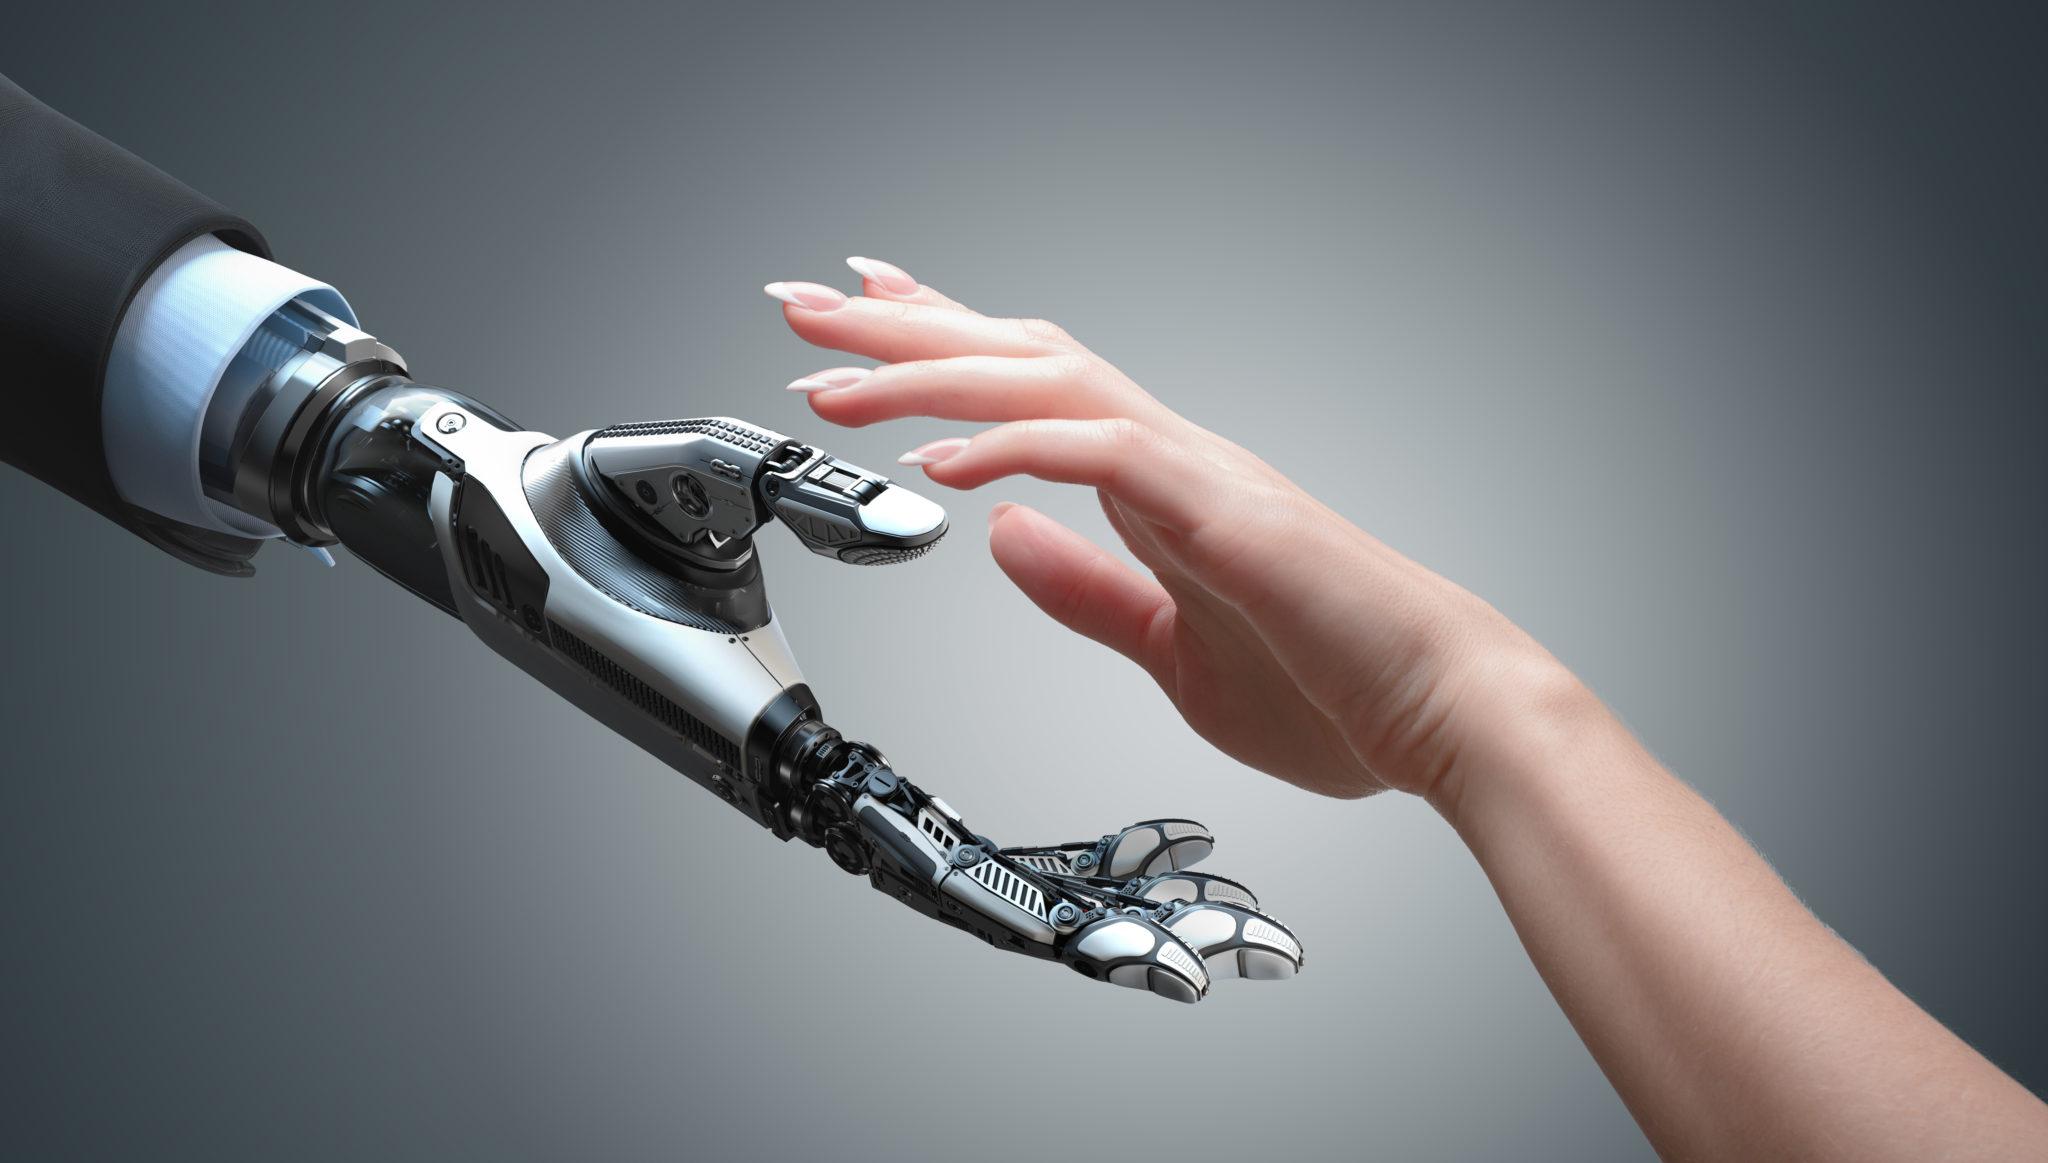 robots-willyam-bradbury